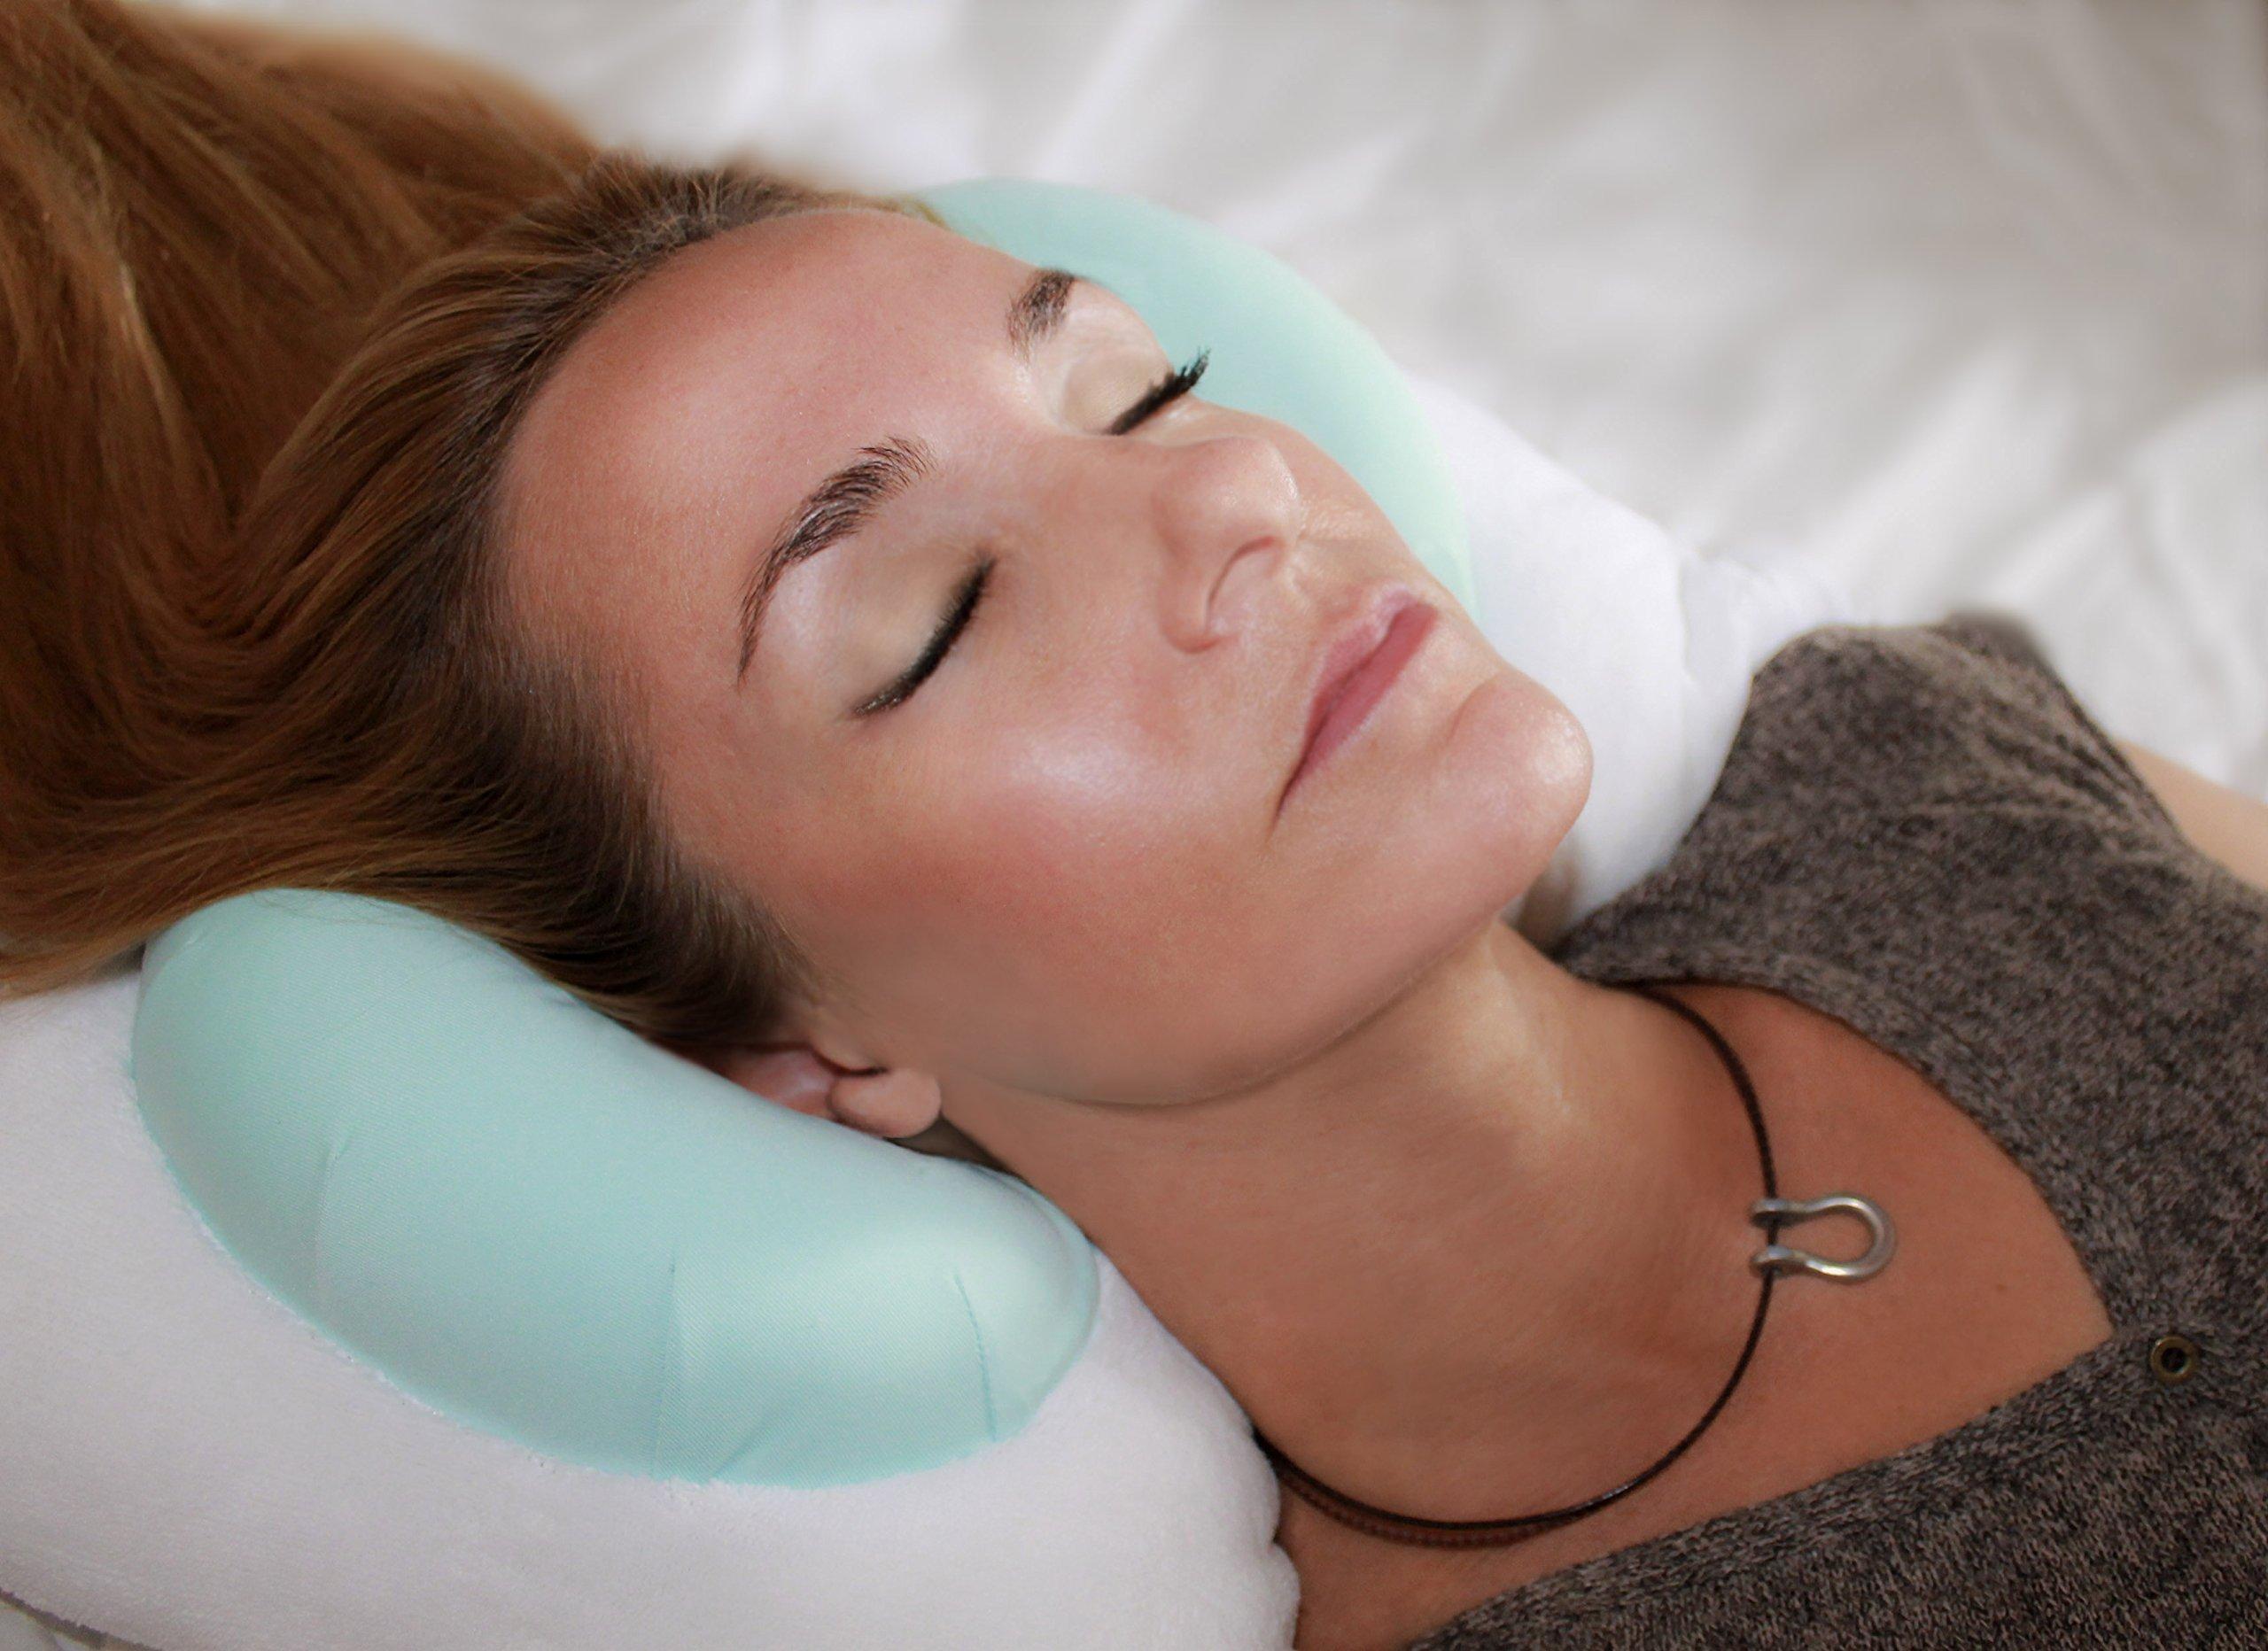 Back to Beauty Anti-Wrinkle Head Cradle (Beauty Pillow by Back to Beauty Anti-Wrinkle Head Cradle